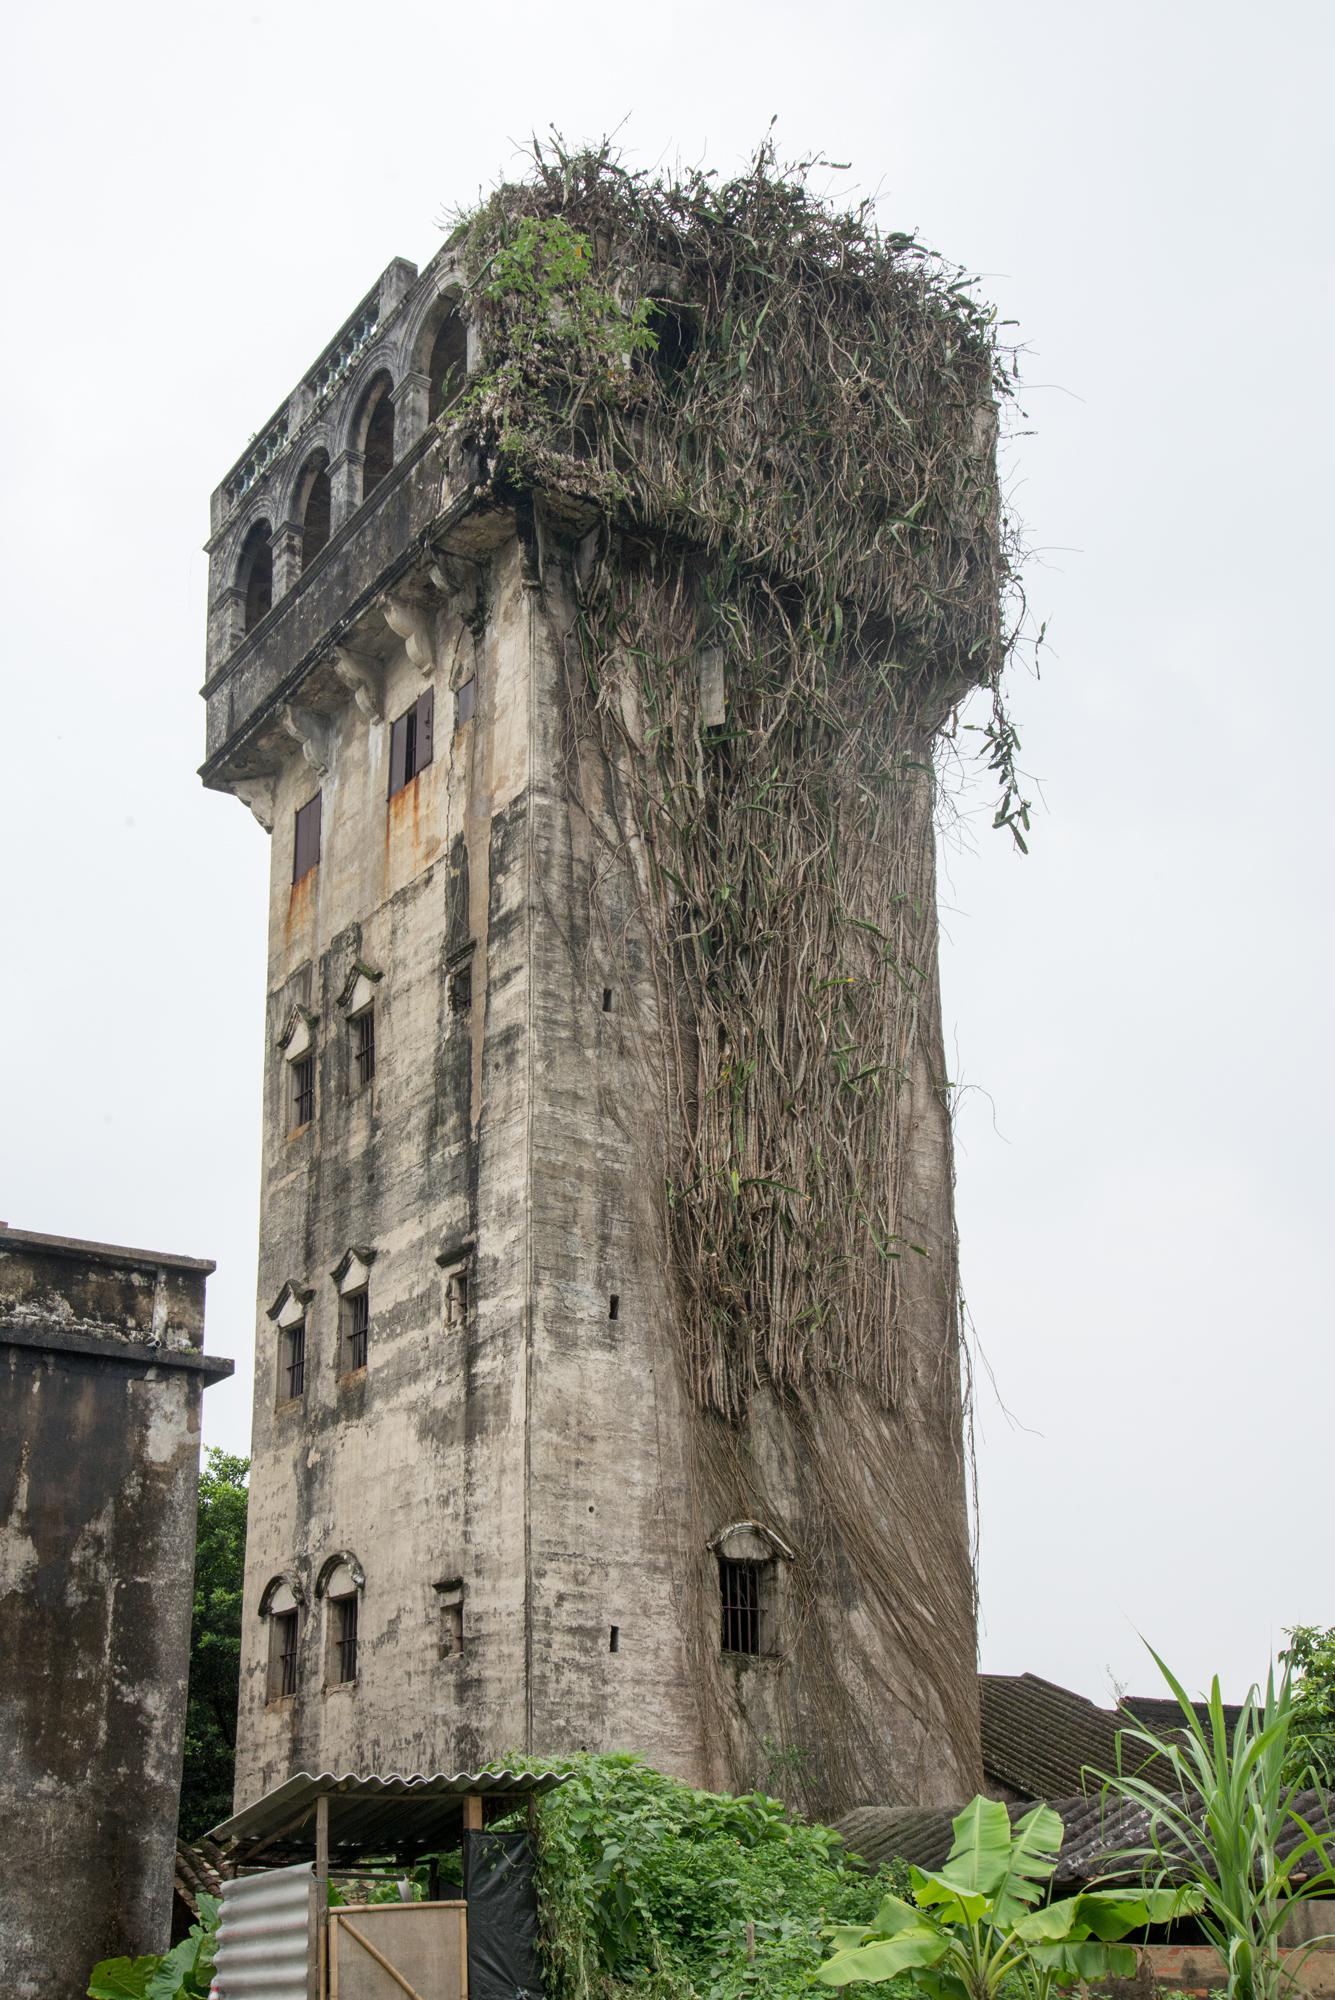 Diaolou Tower, Kaiping